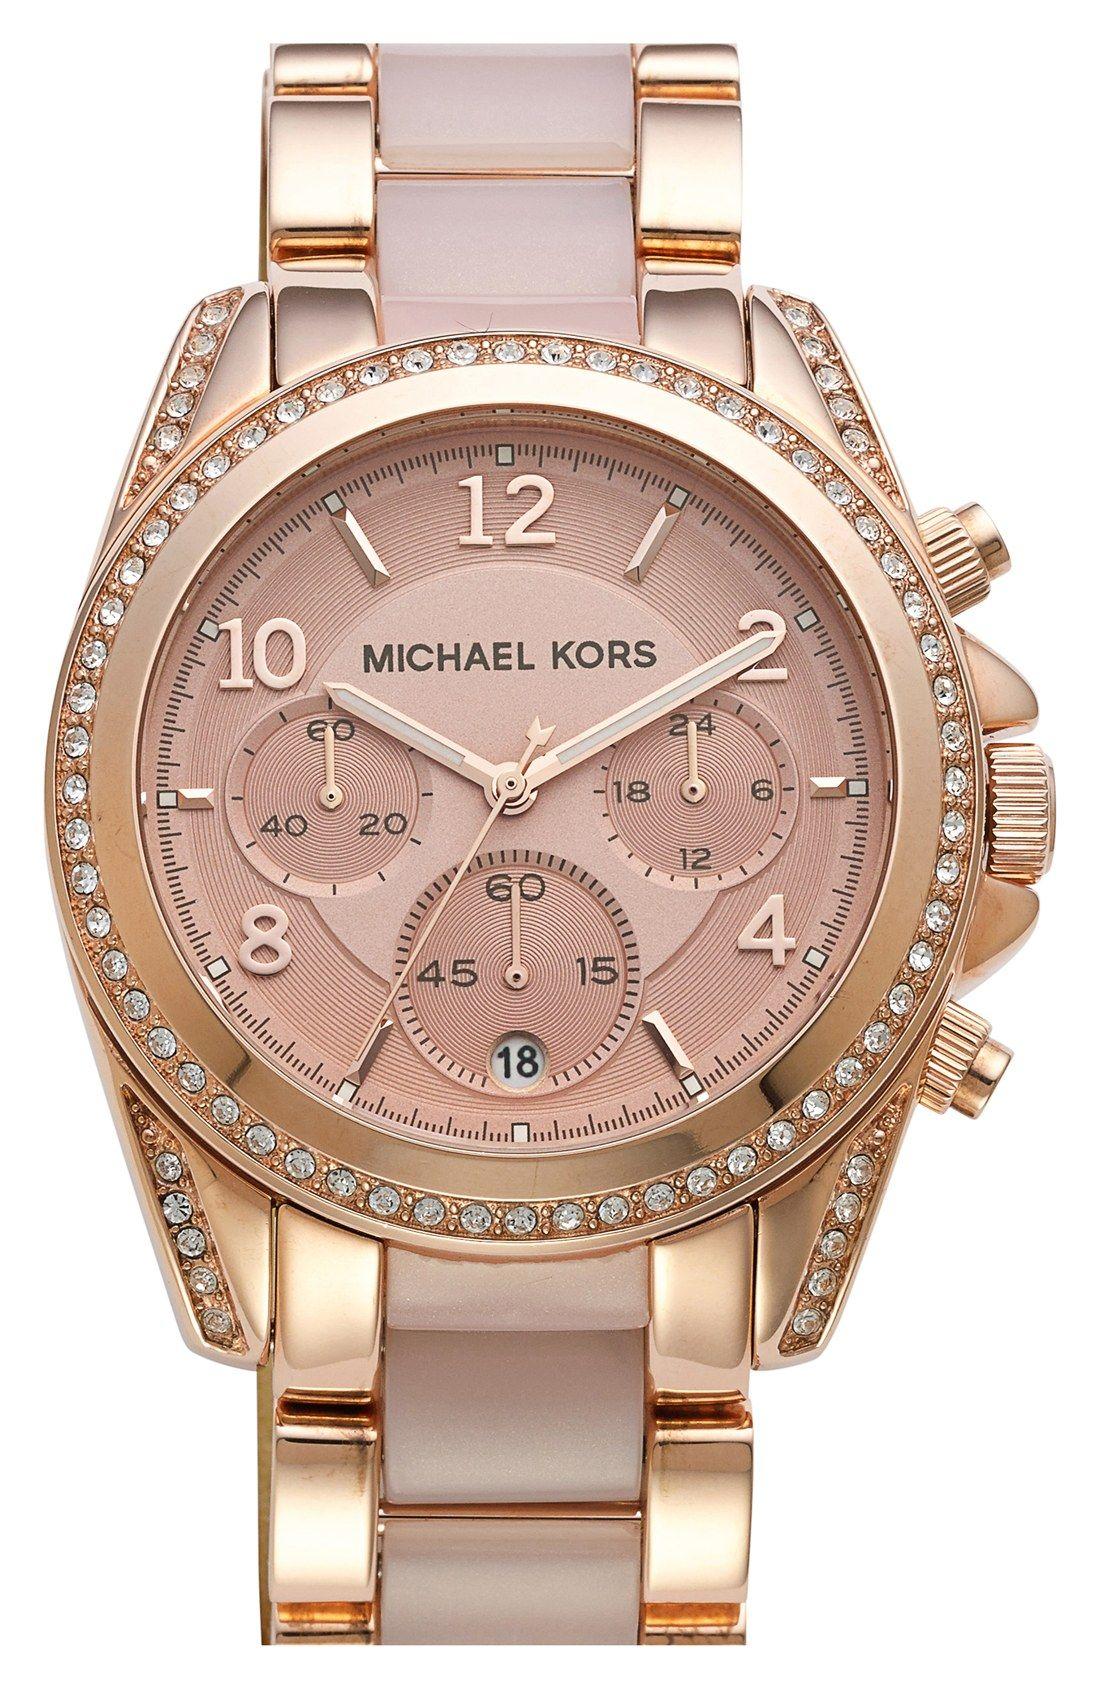 Michael Kors Blair Crystal Bezel Two Tone Bracelet Watch 39mm Handtaschen Michael Kors Damenuhren Uhr Rosegold